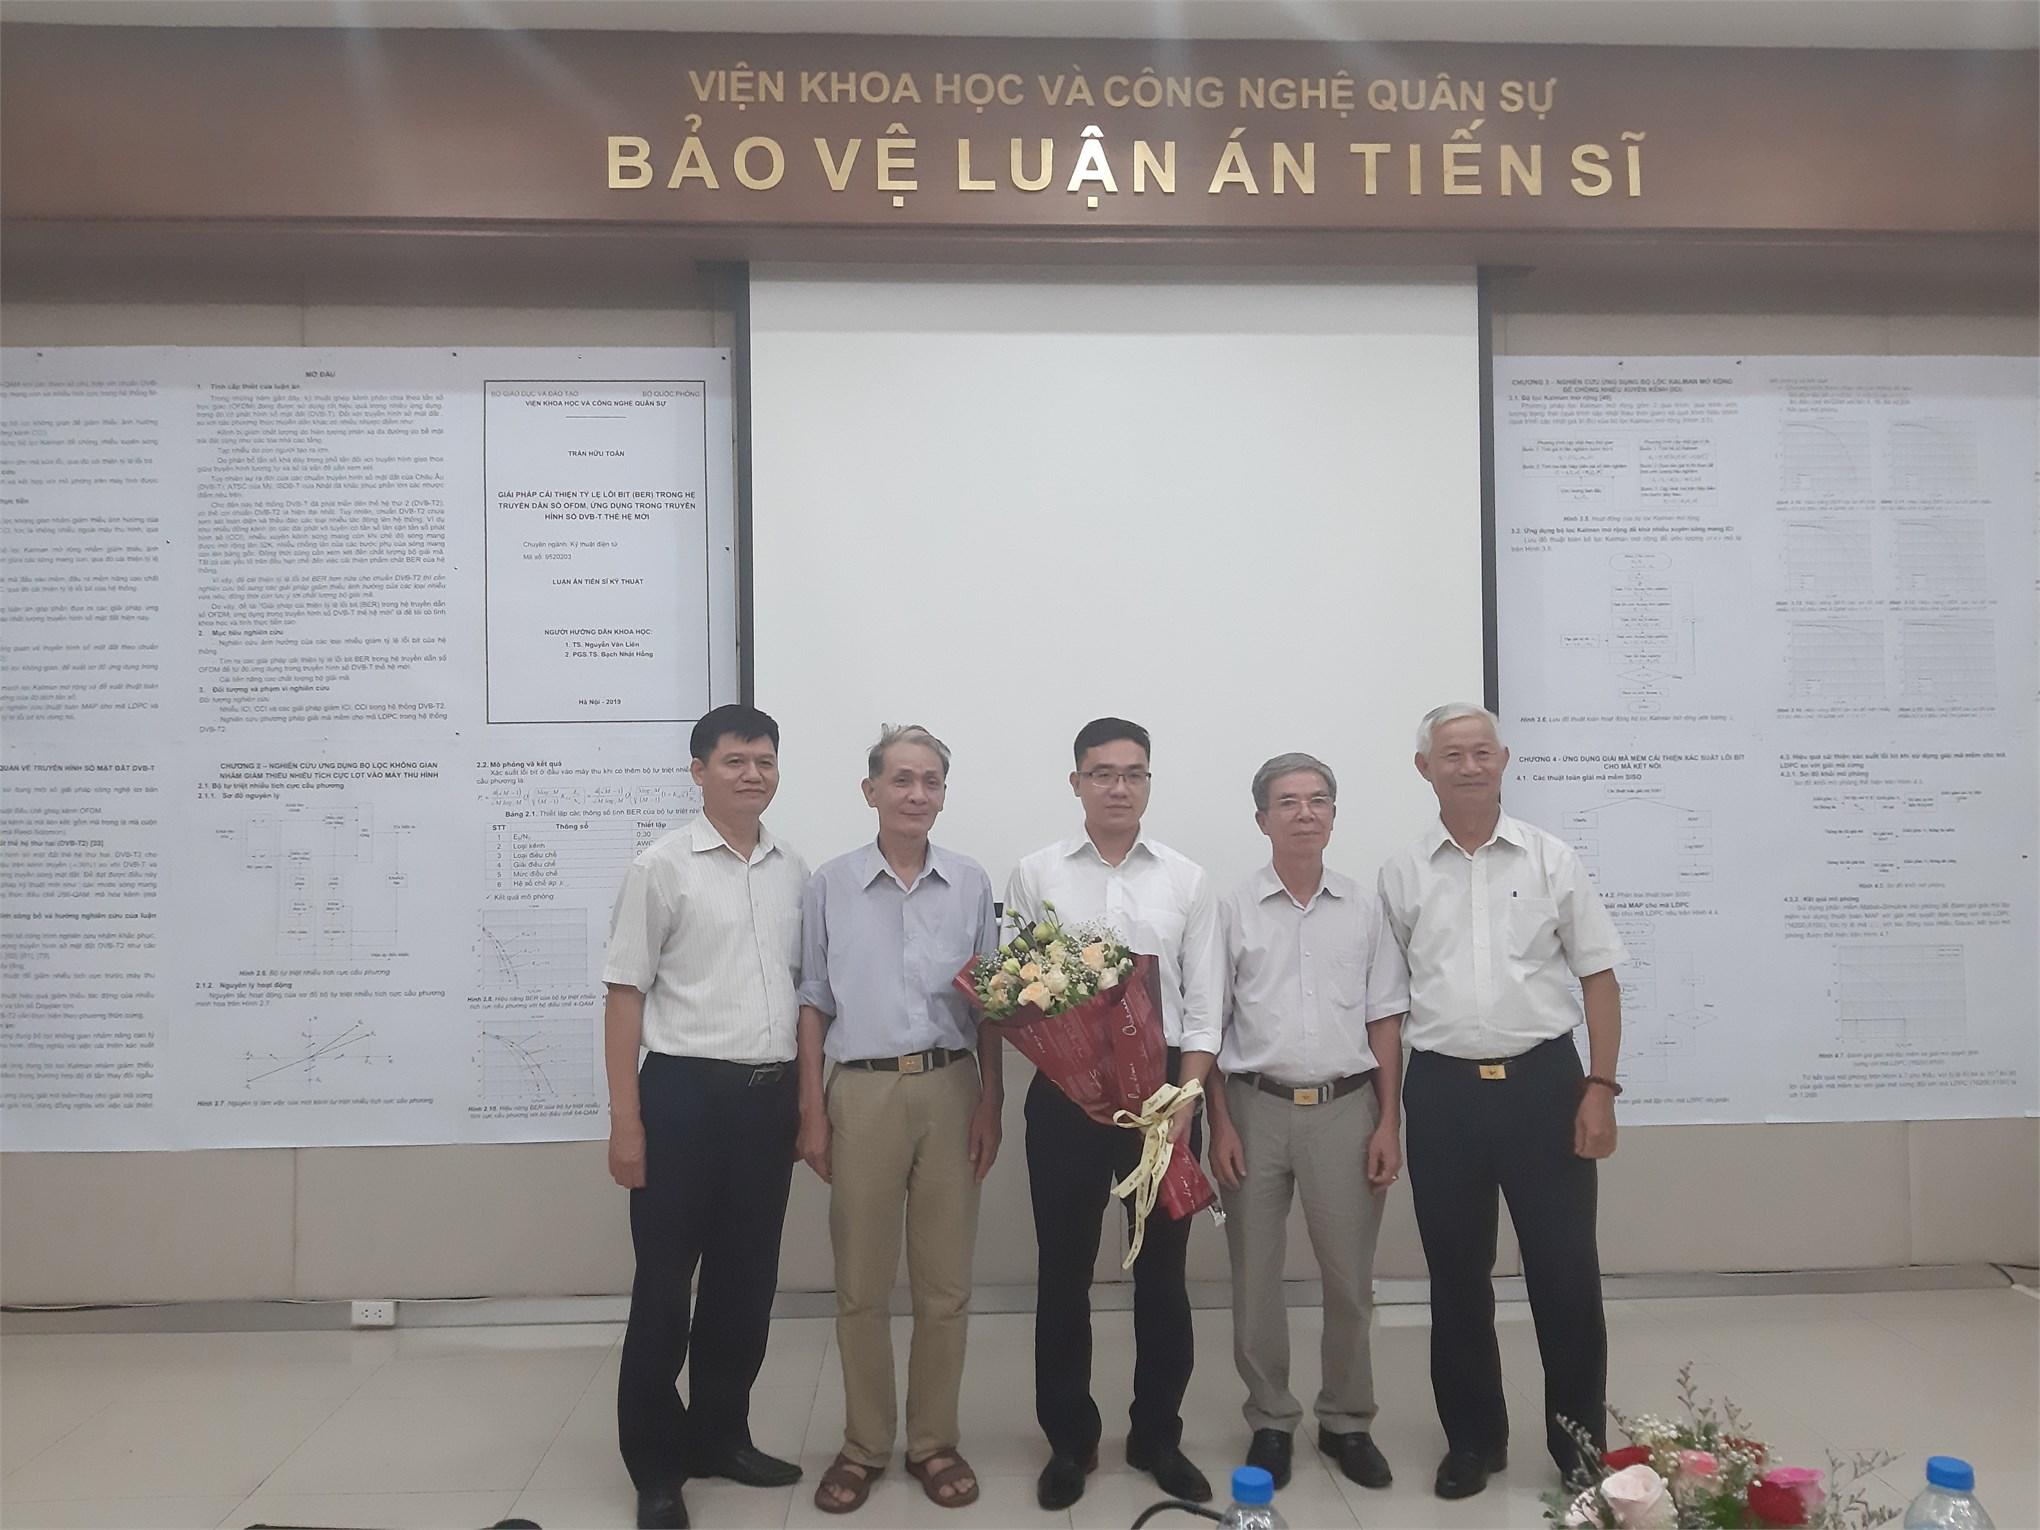 Chúc mừng đ/c Trần Hữu Toán, Giảng viên/Chuyên viên Trung tâm đào tạo Sau đại học Bảo vệ thành công luận án Tiến sĩ chuyên ngành Kỹ thuật Điện tử tại Viện Khoa học và Công nghệ Quân sự.